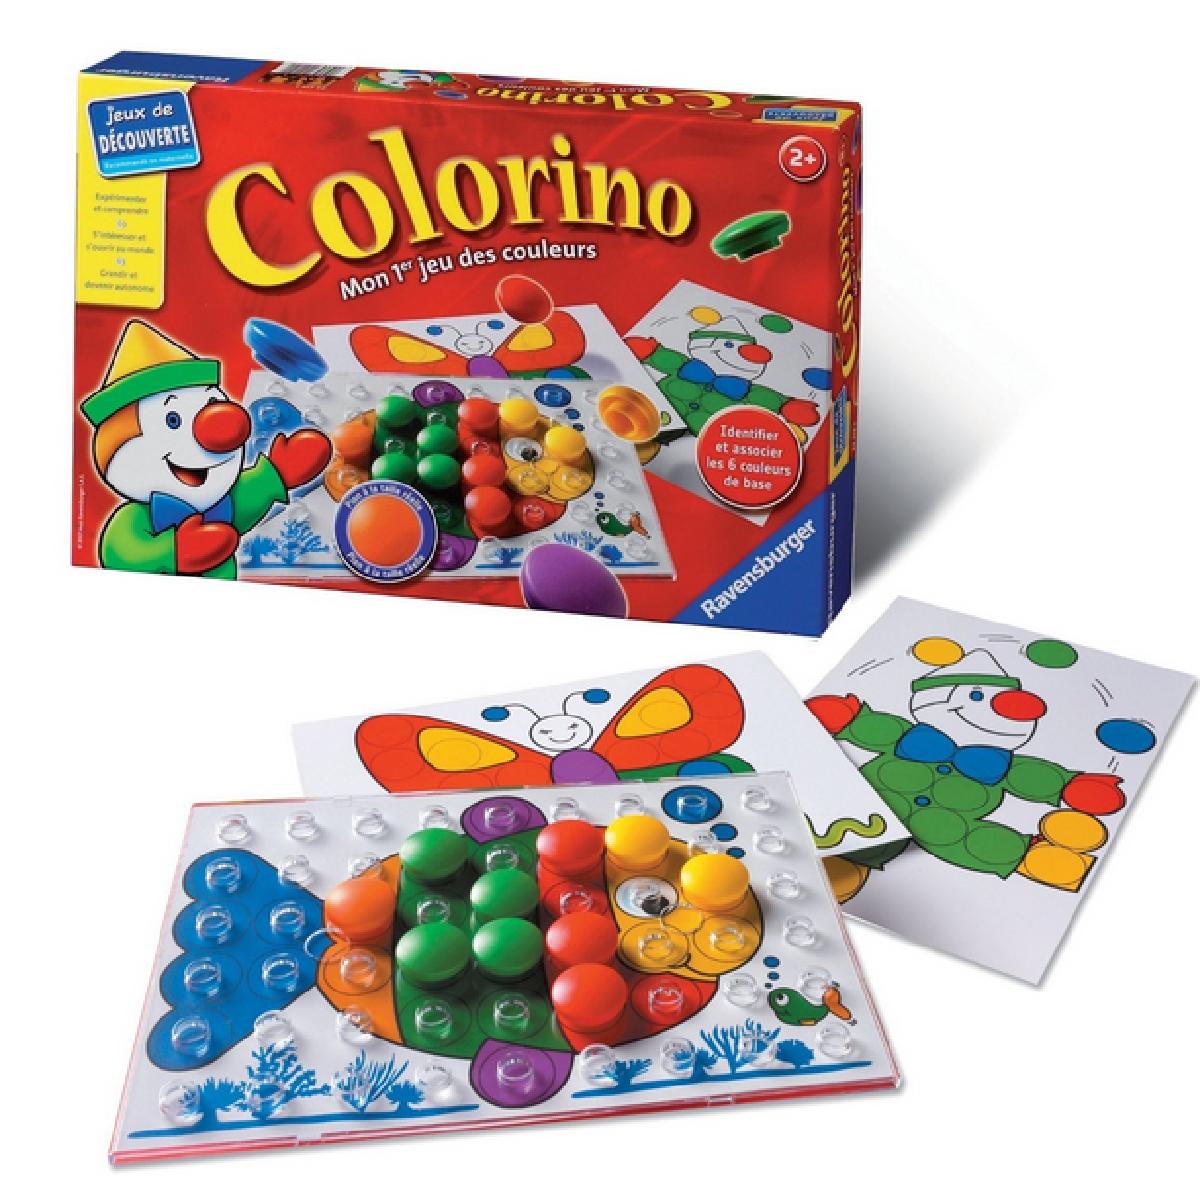 Jeux Pour Enfant De 2 Ans - L'univers Du Bébé destiné Jouet Pour Enfant De 2 Ans